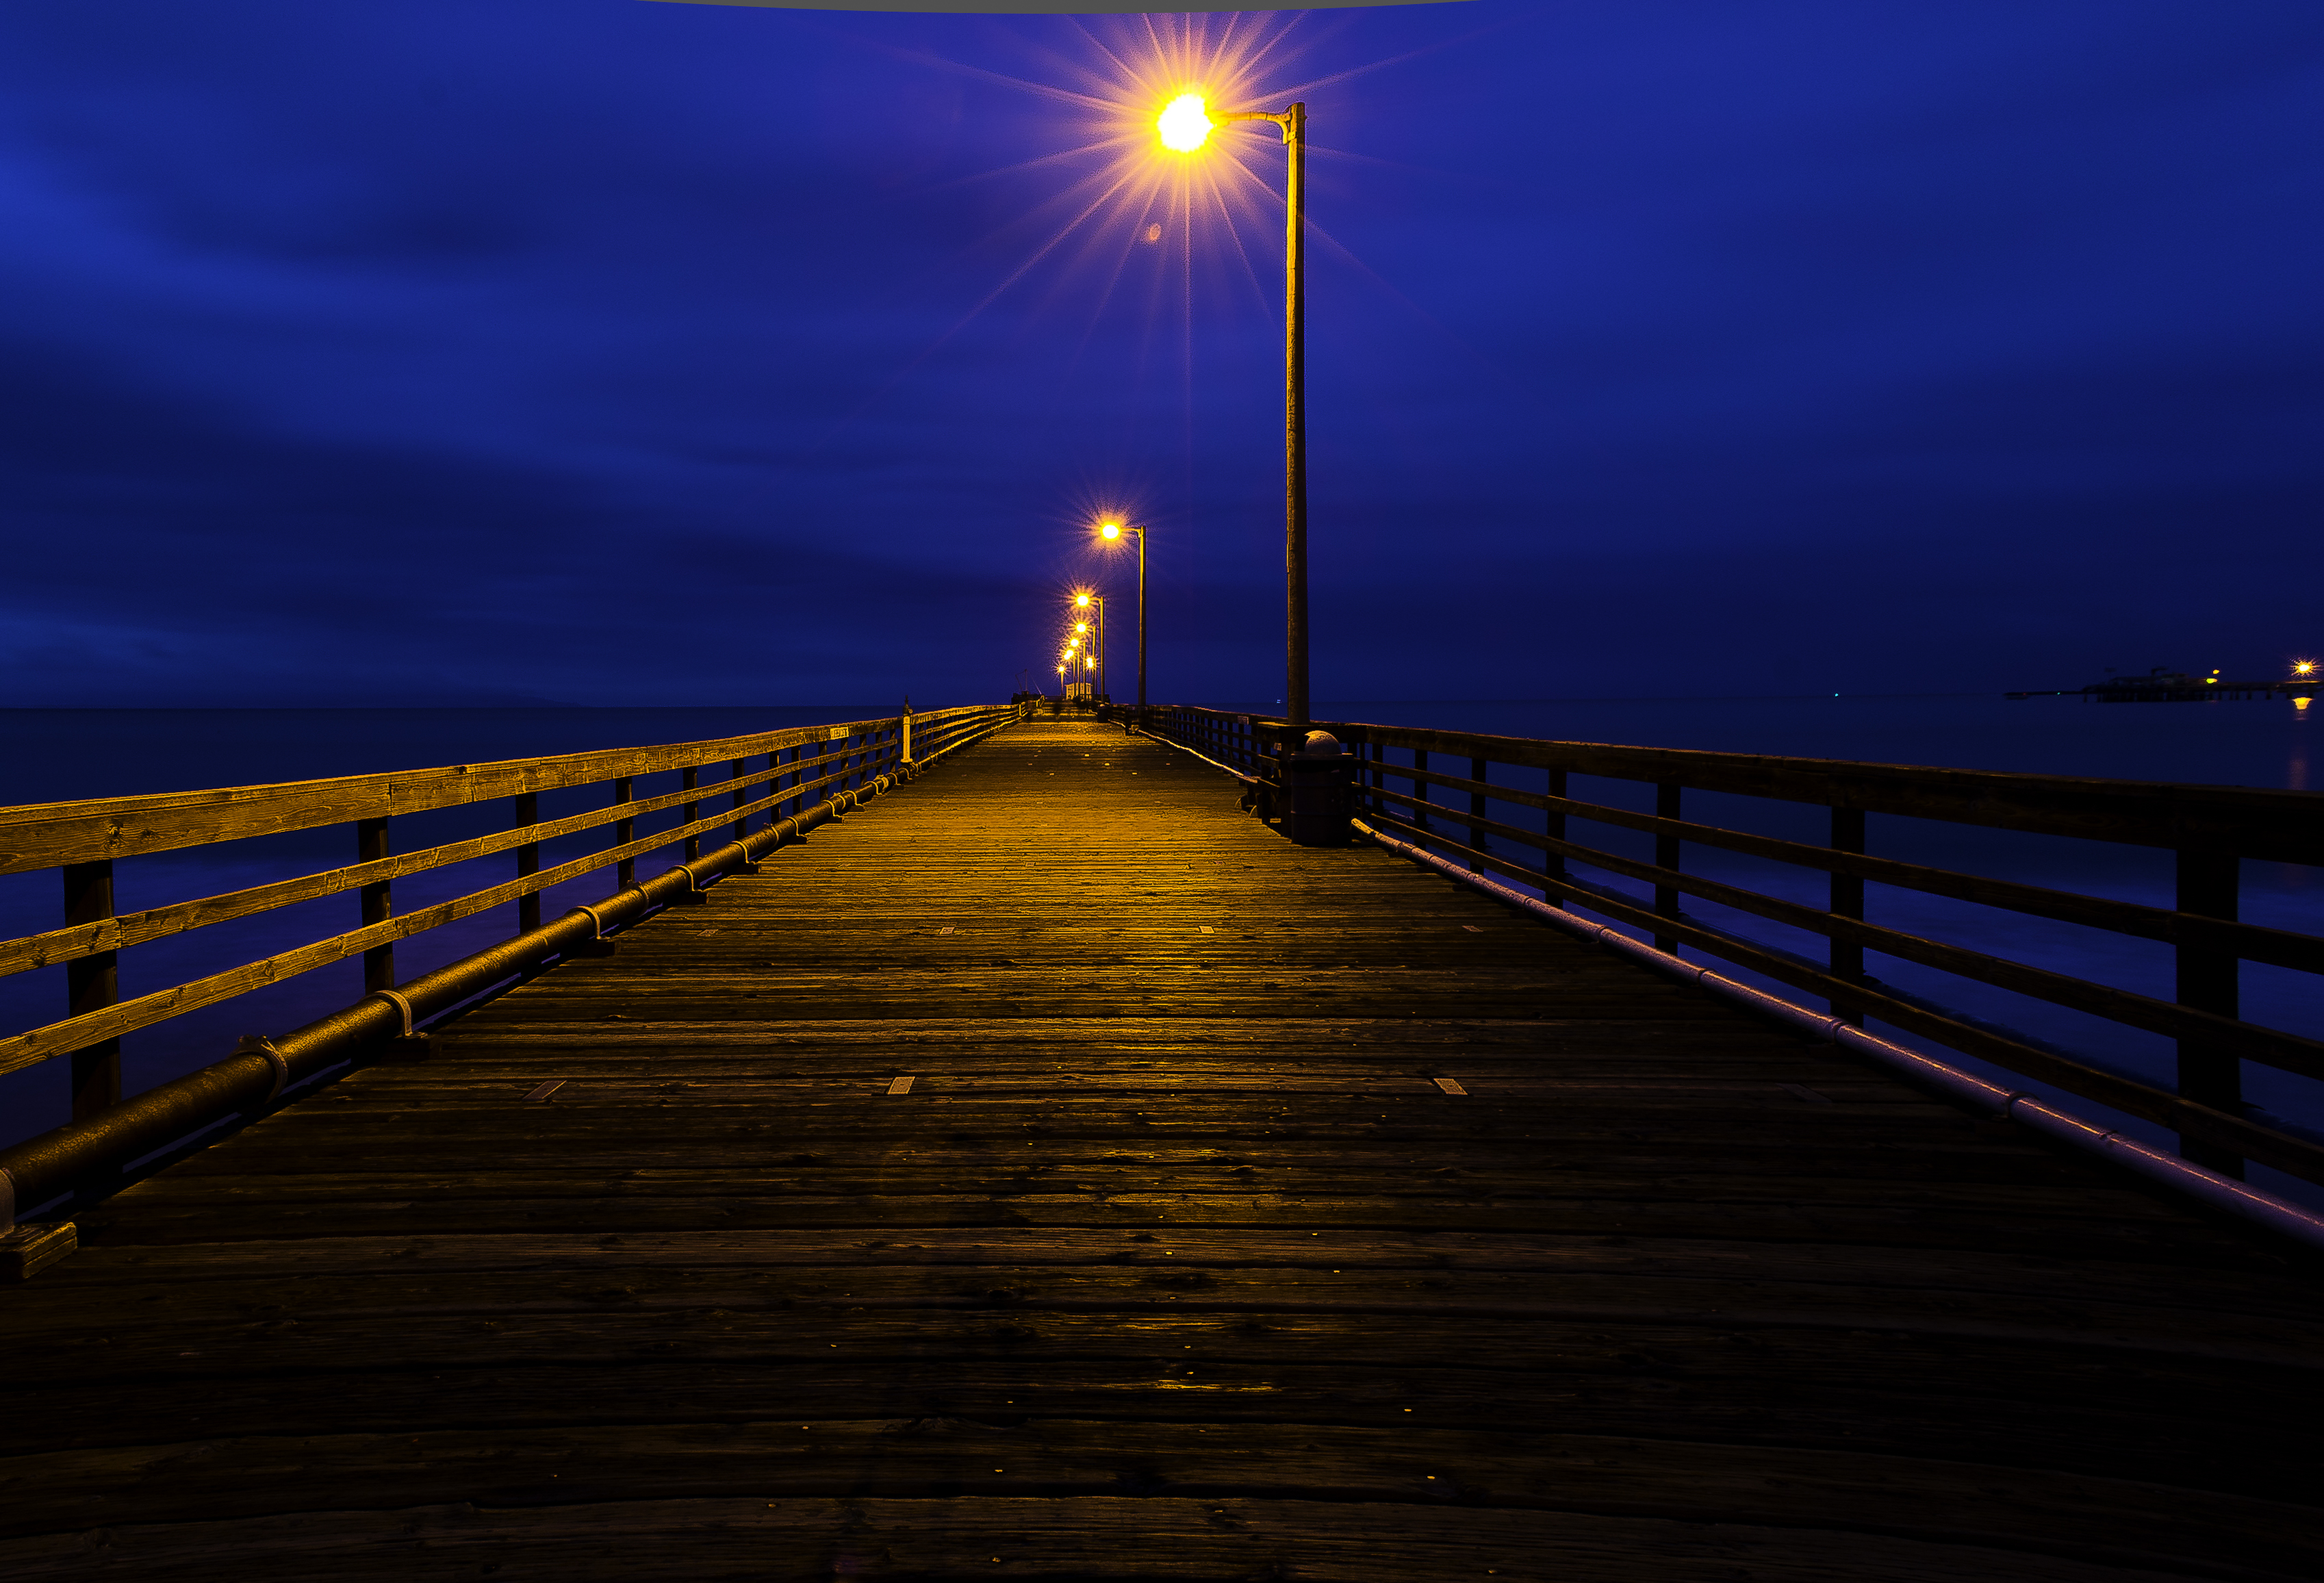 At night photo 8